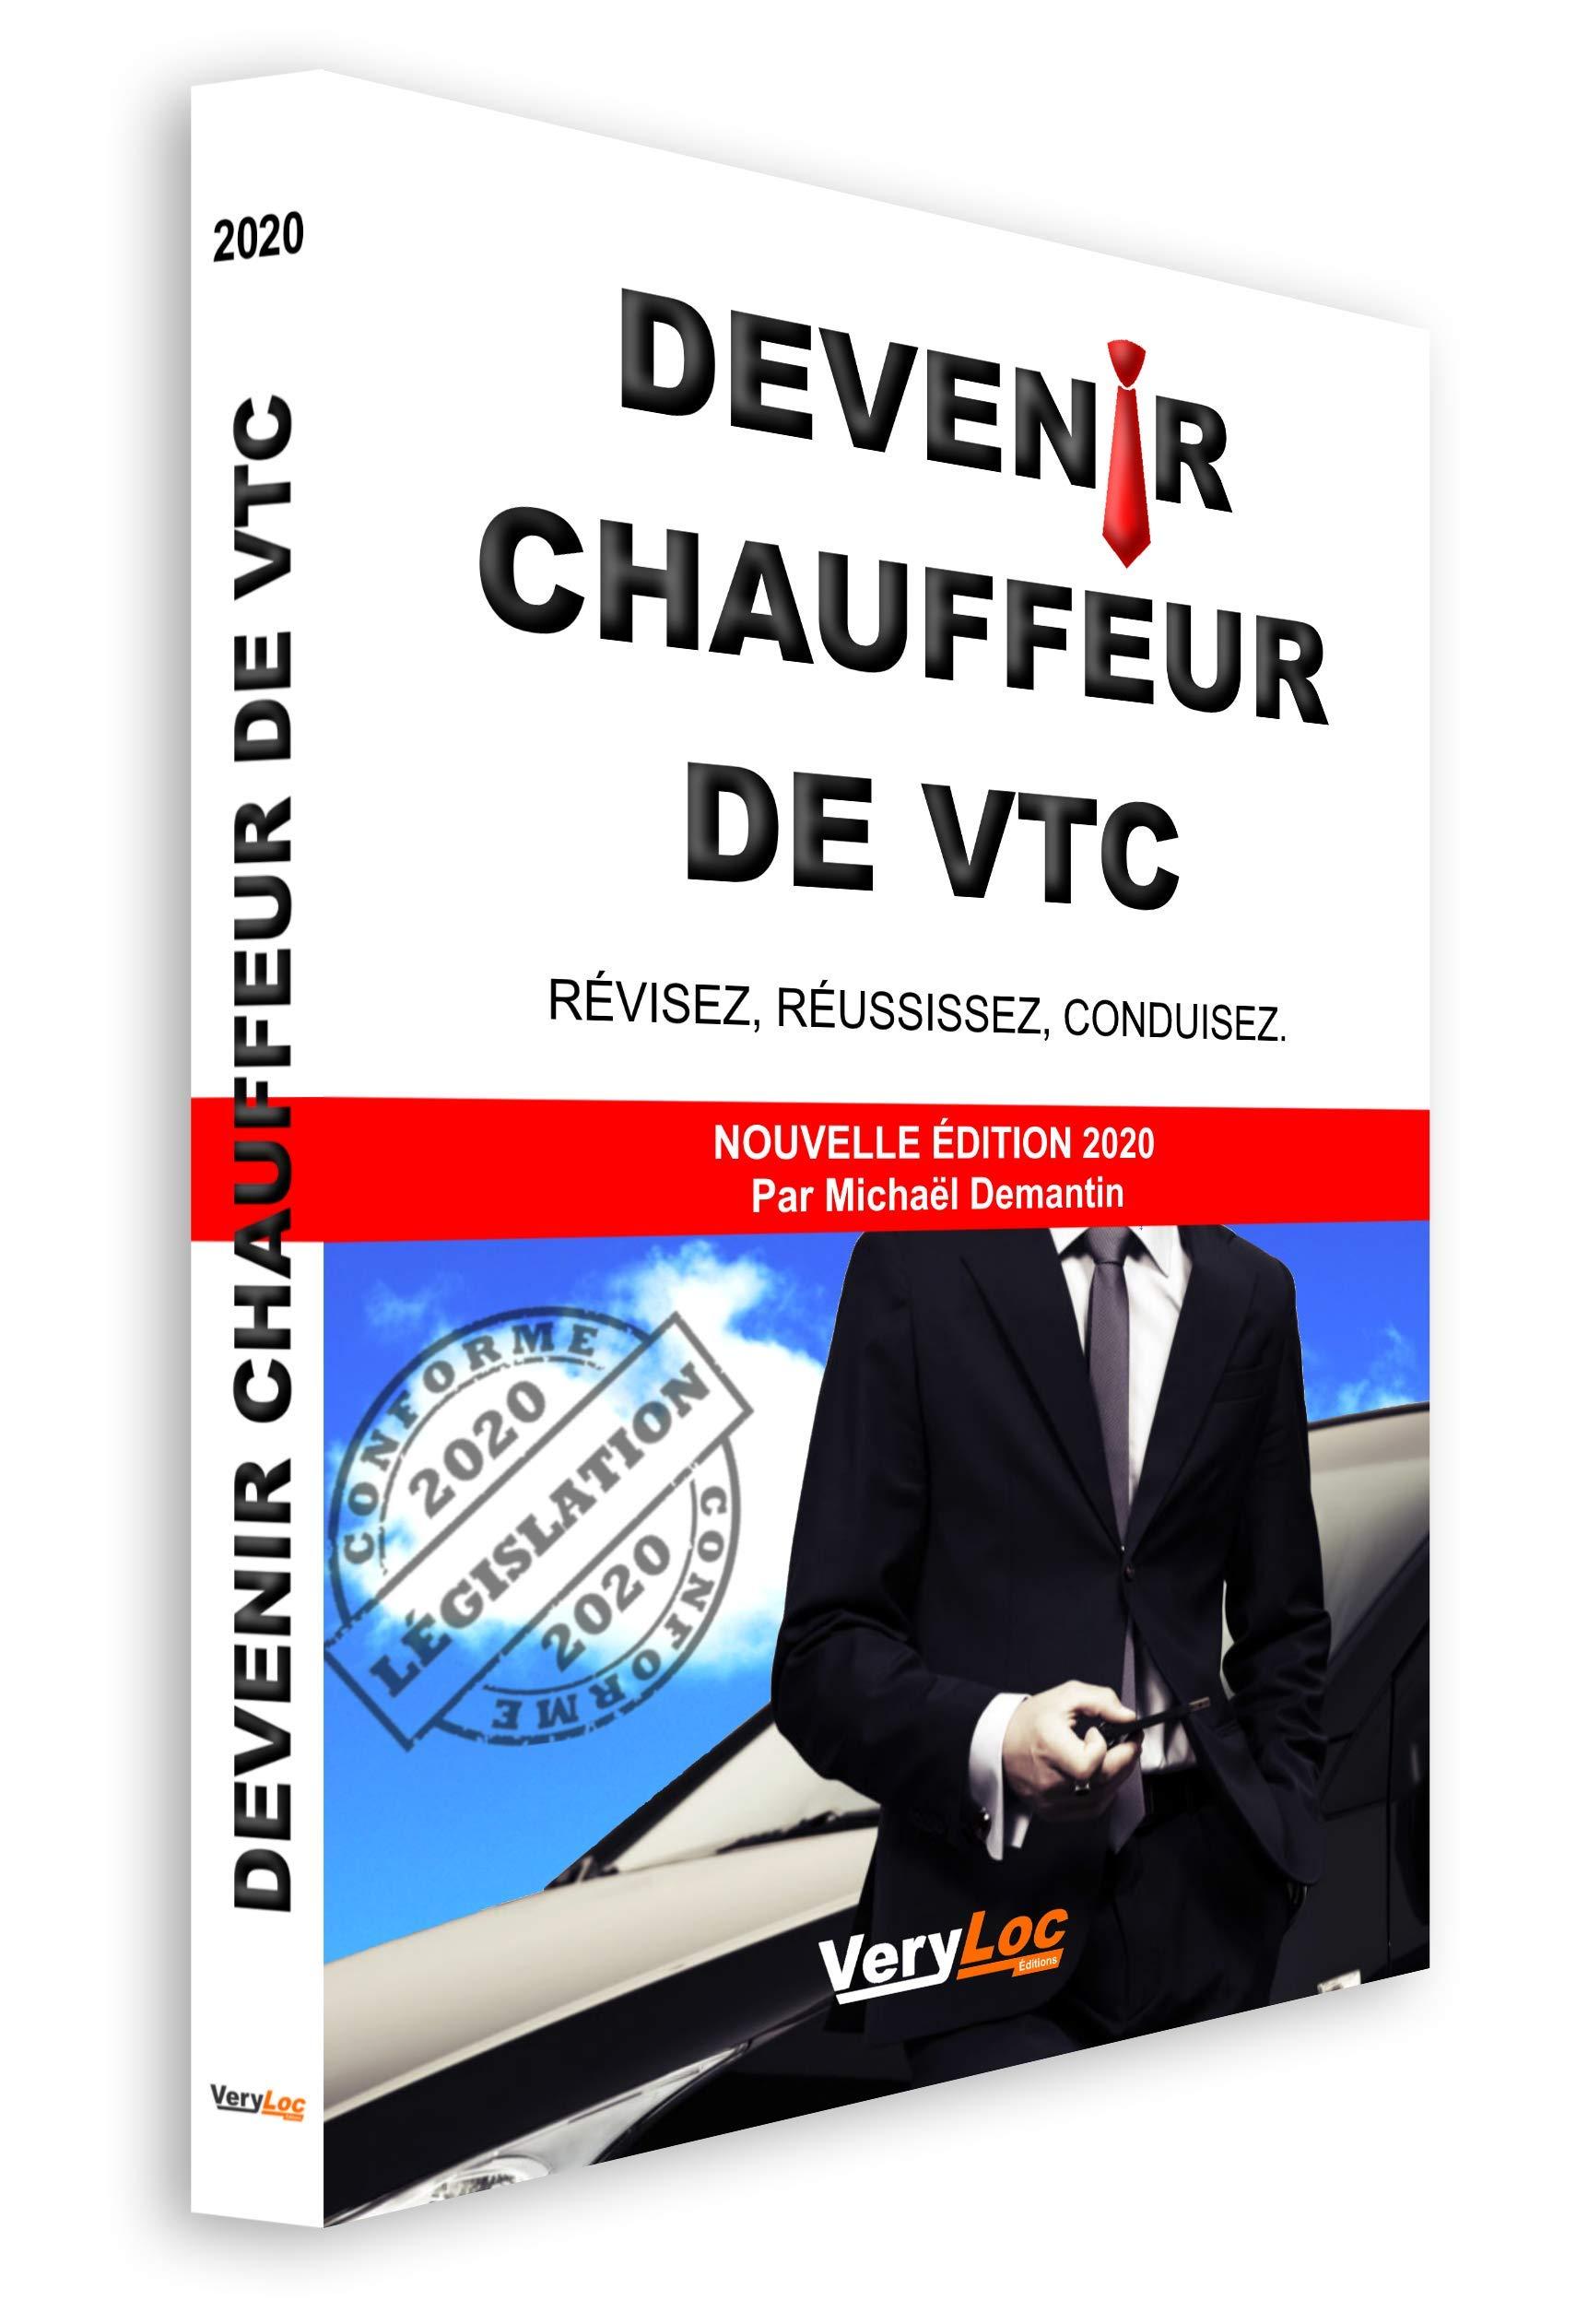 DEVENIR CHAUFFEUR DE VTC, révisez, réussissez, conduisez. NOUVELLE ÉDITION 2020